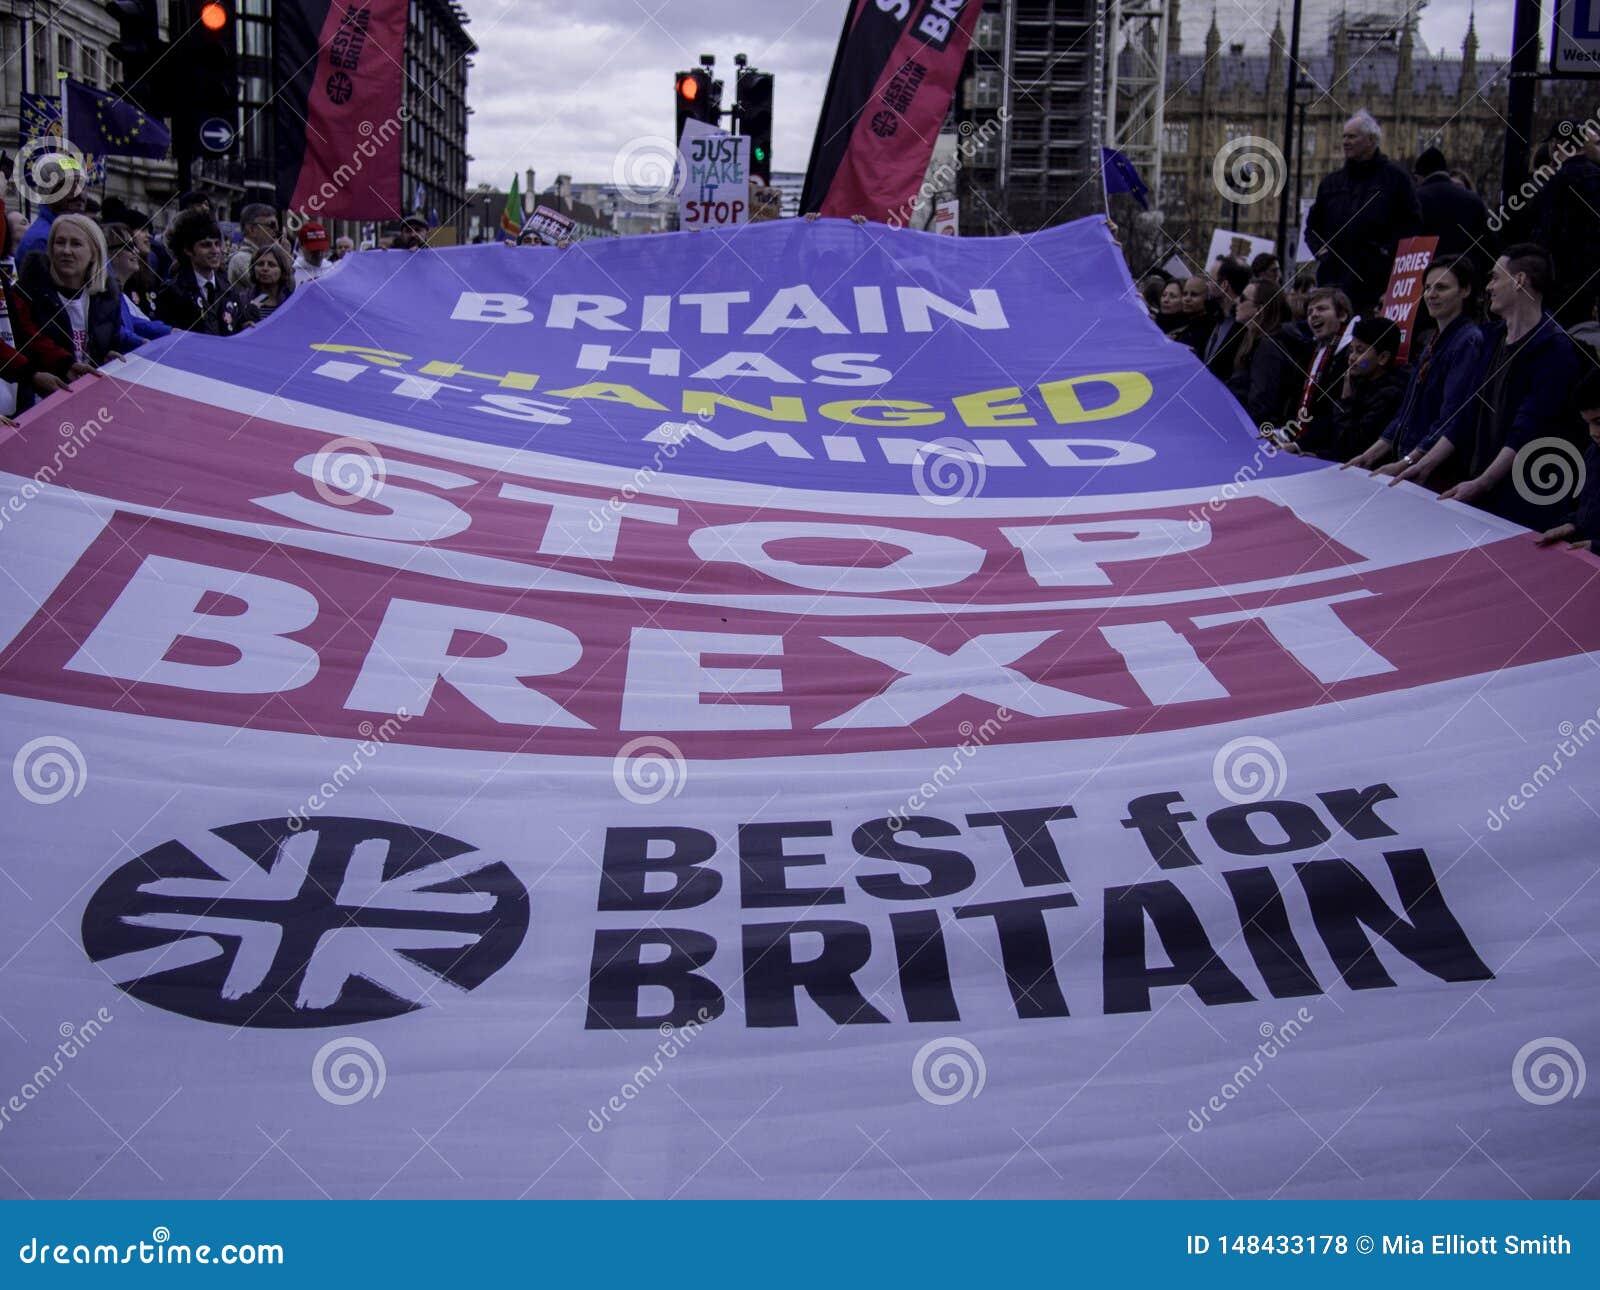 Лондон, Великобритания - спичка 23, 2019: Самое лучшее для campainers Британии социальных протестуя против Brexit